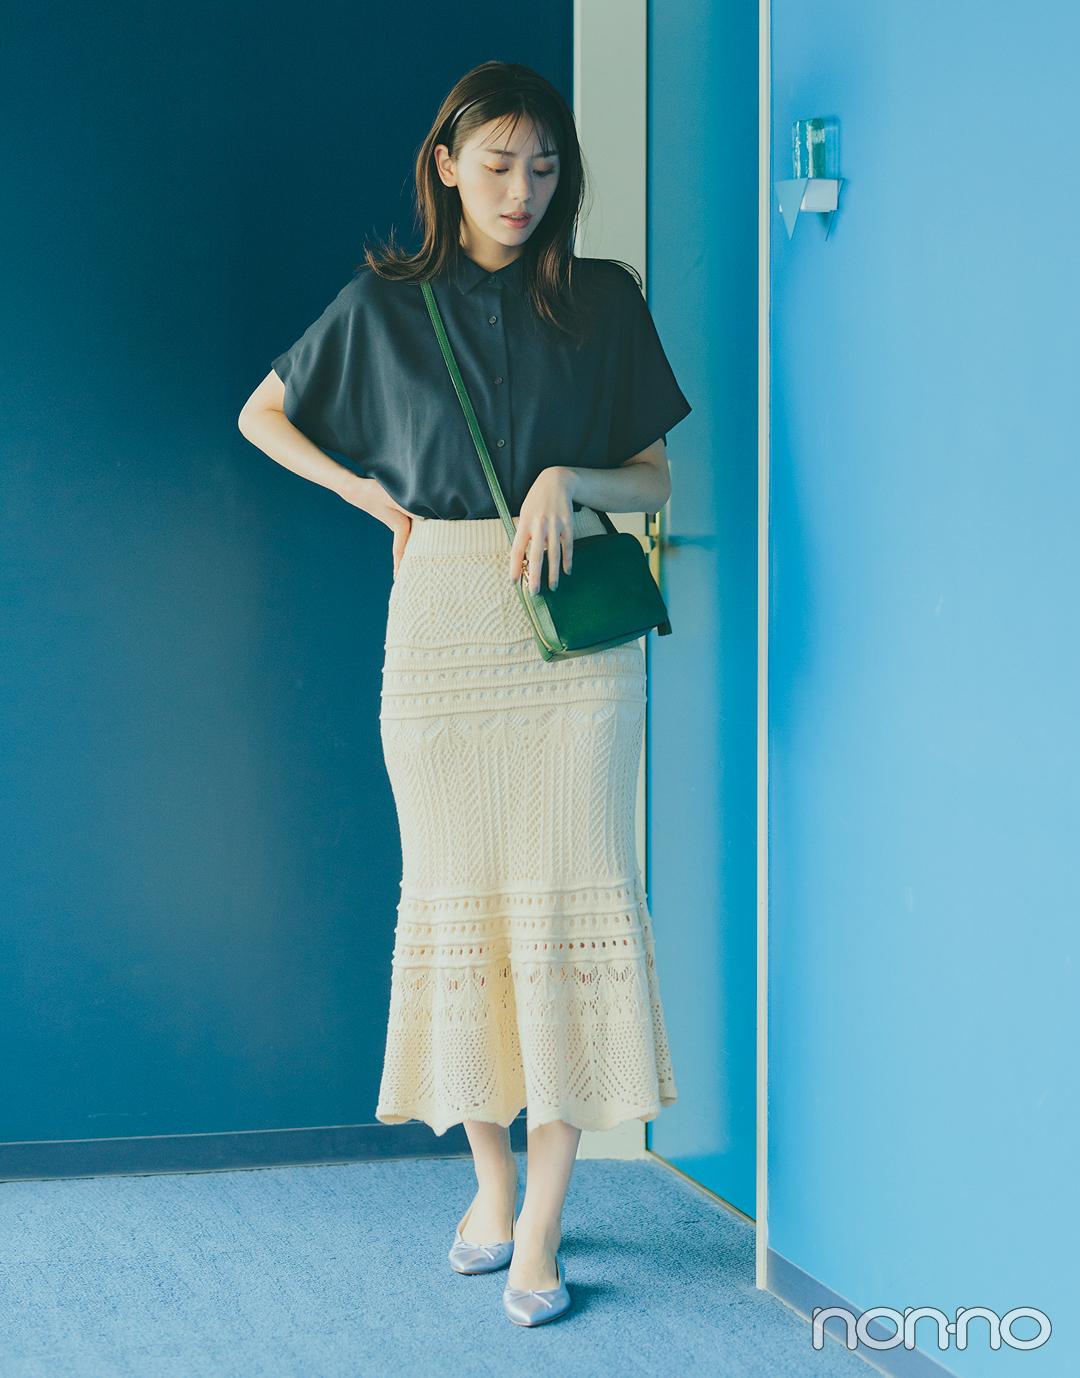 『貴島明日香』の『 クロシェスカート』モデルカット4−2